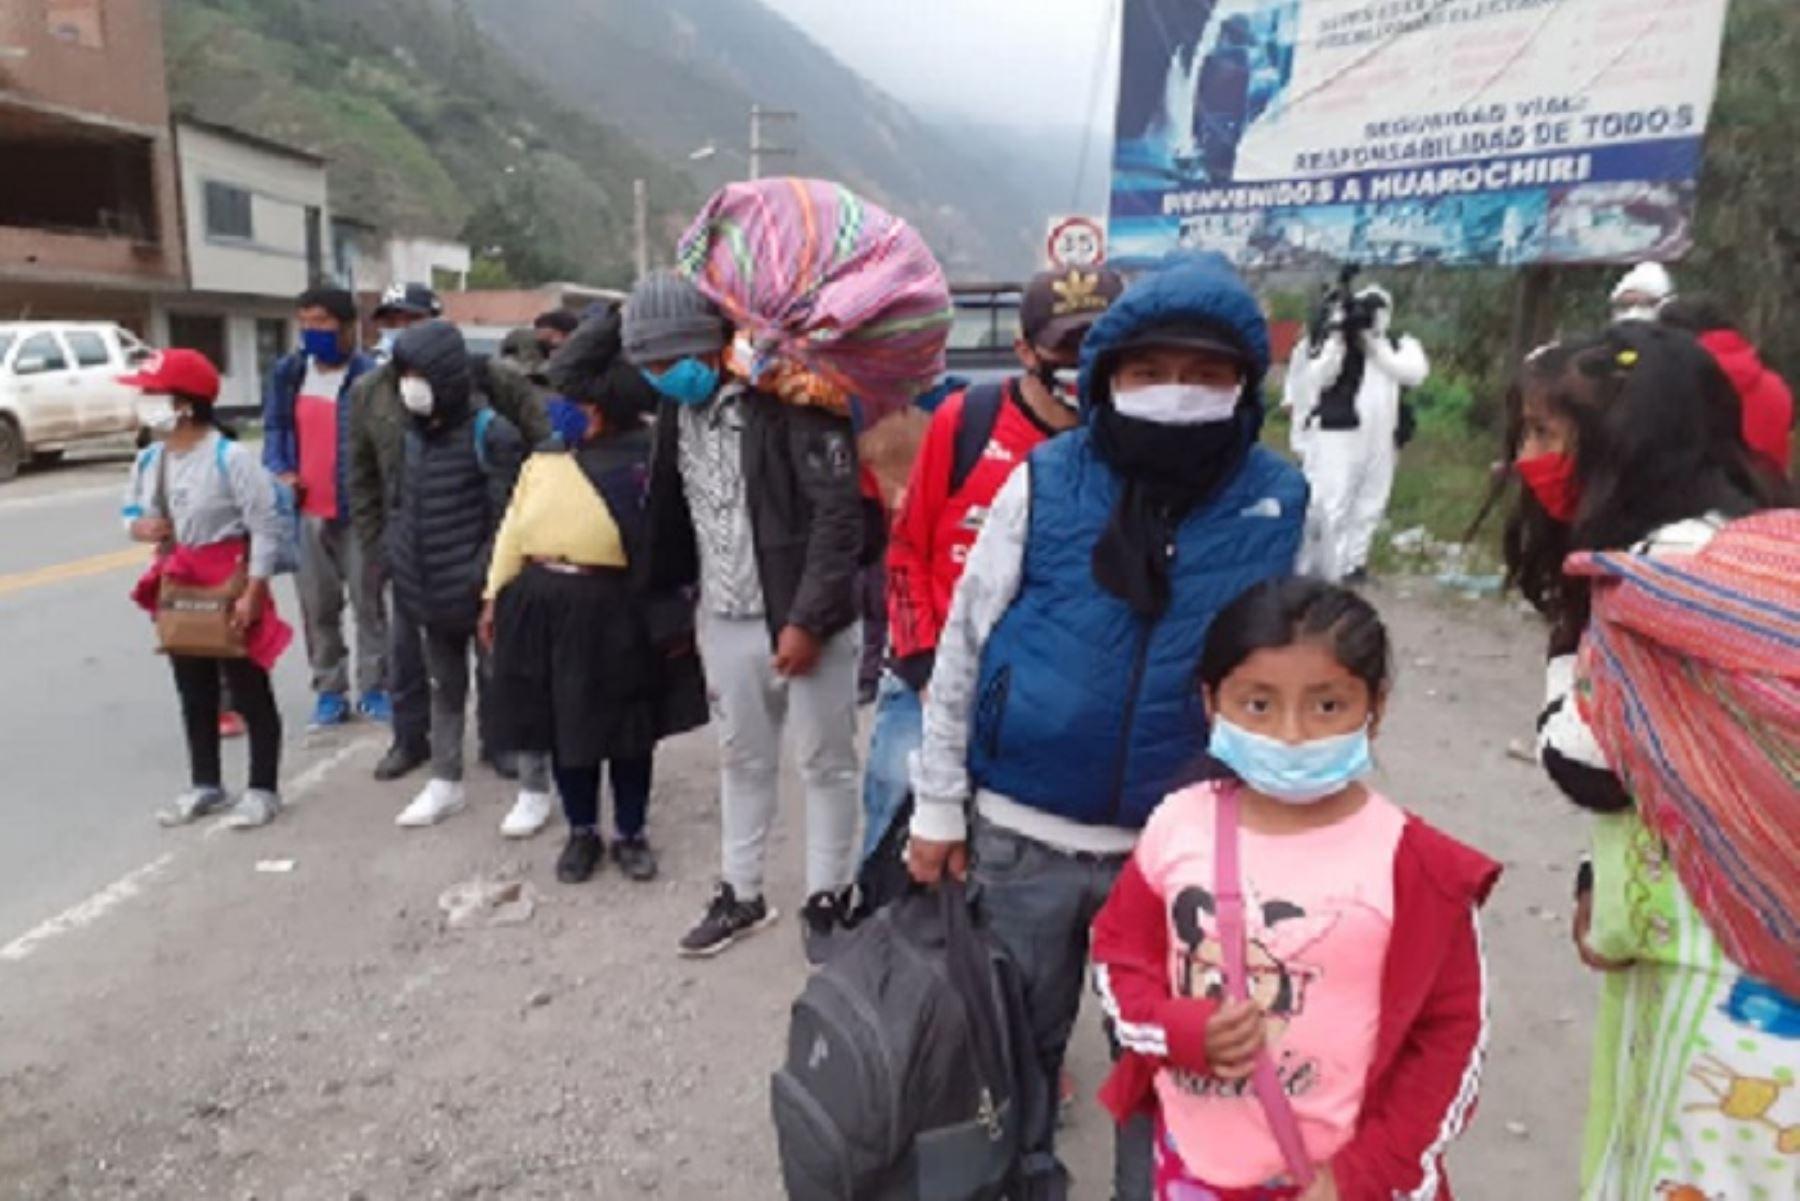 Corredores migratorios interregionales: los retornantes olvidados fuera de Lima